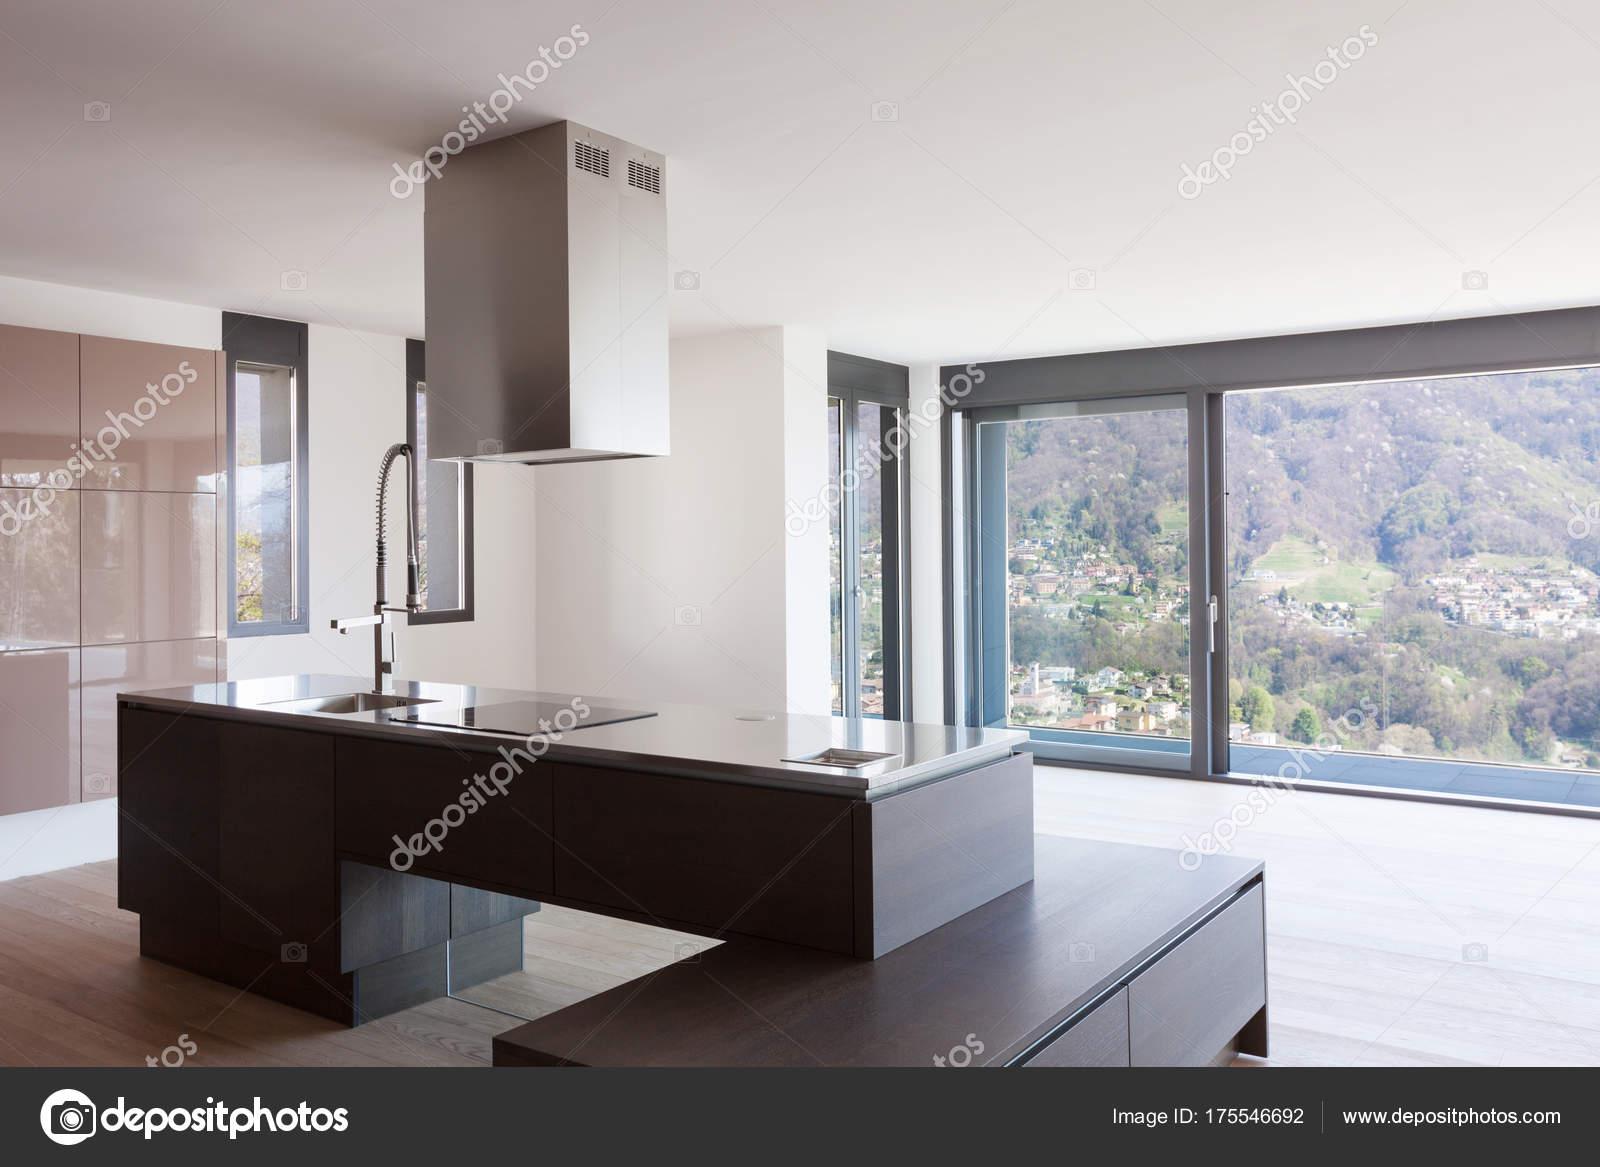 Cozinha Moderna Com Vista Fotografias De Stock Zveiger 175546692